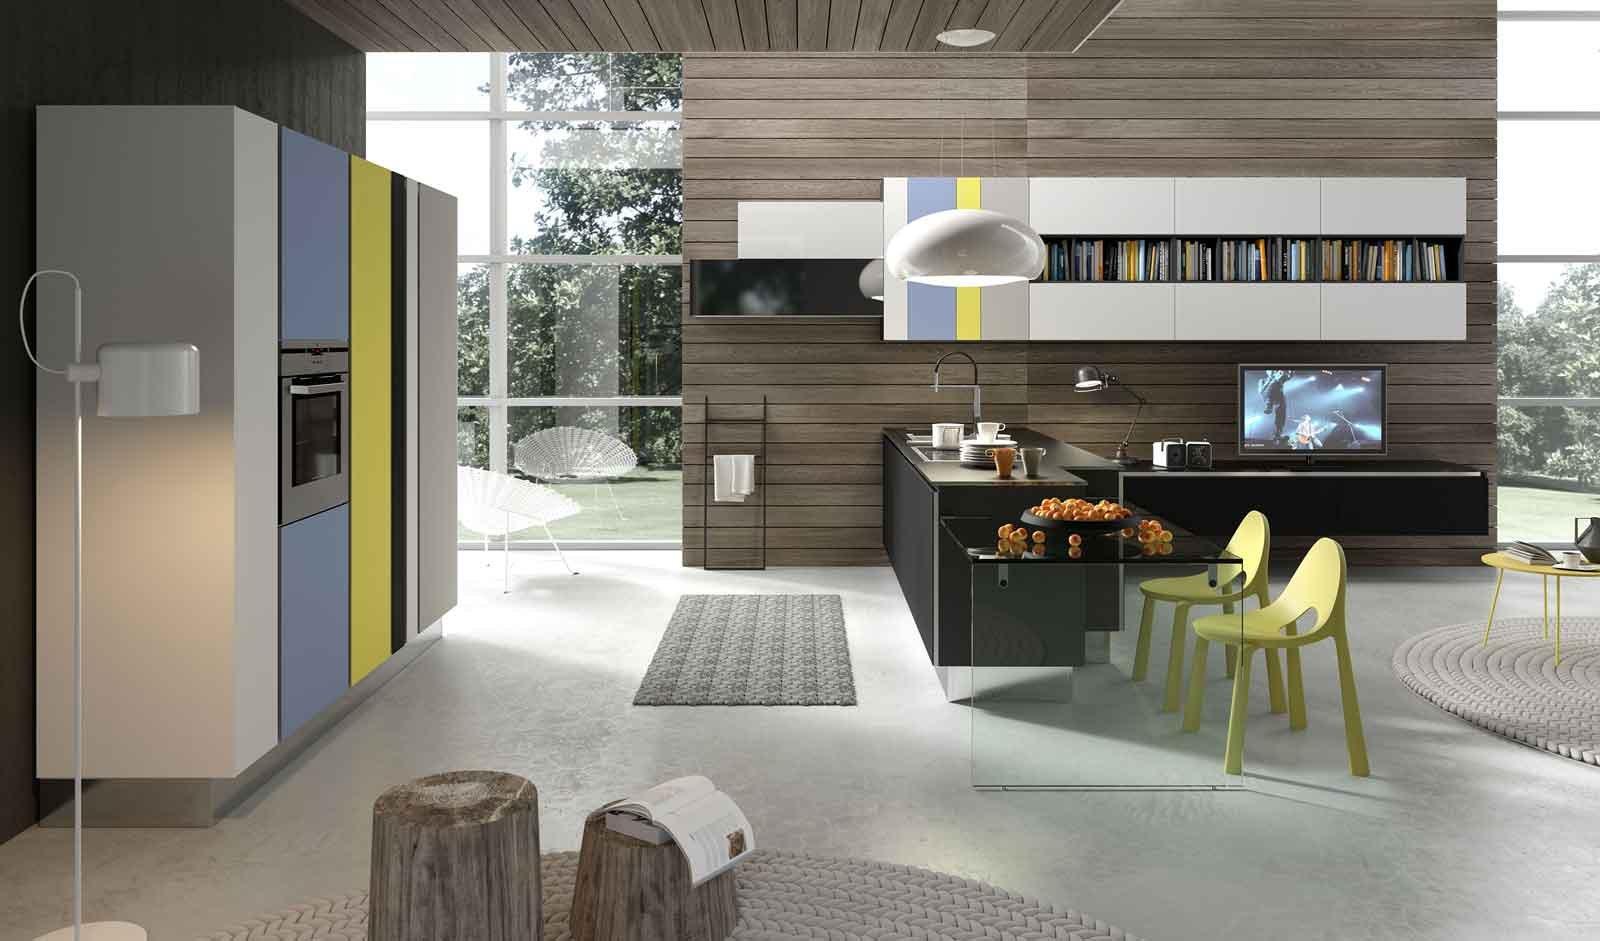 Cucina e soggiorno in un unico ambiente 3 stili cose di - Cucina e soggiorno ambiente unico ...